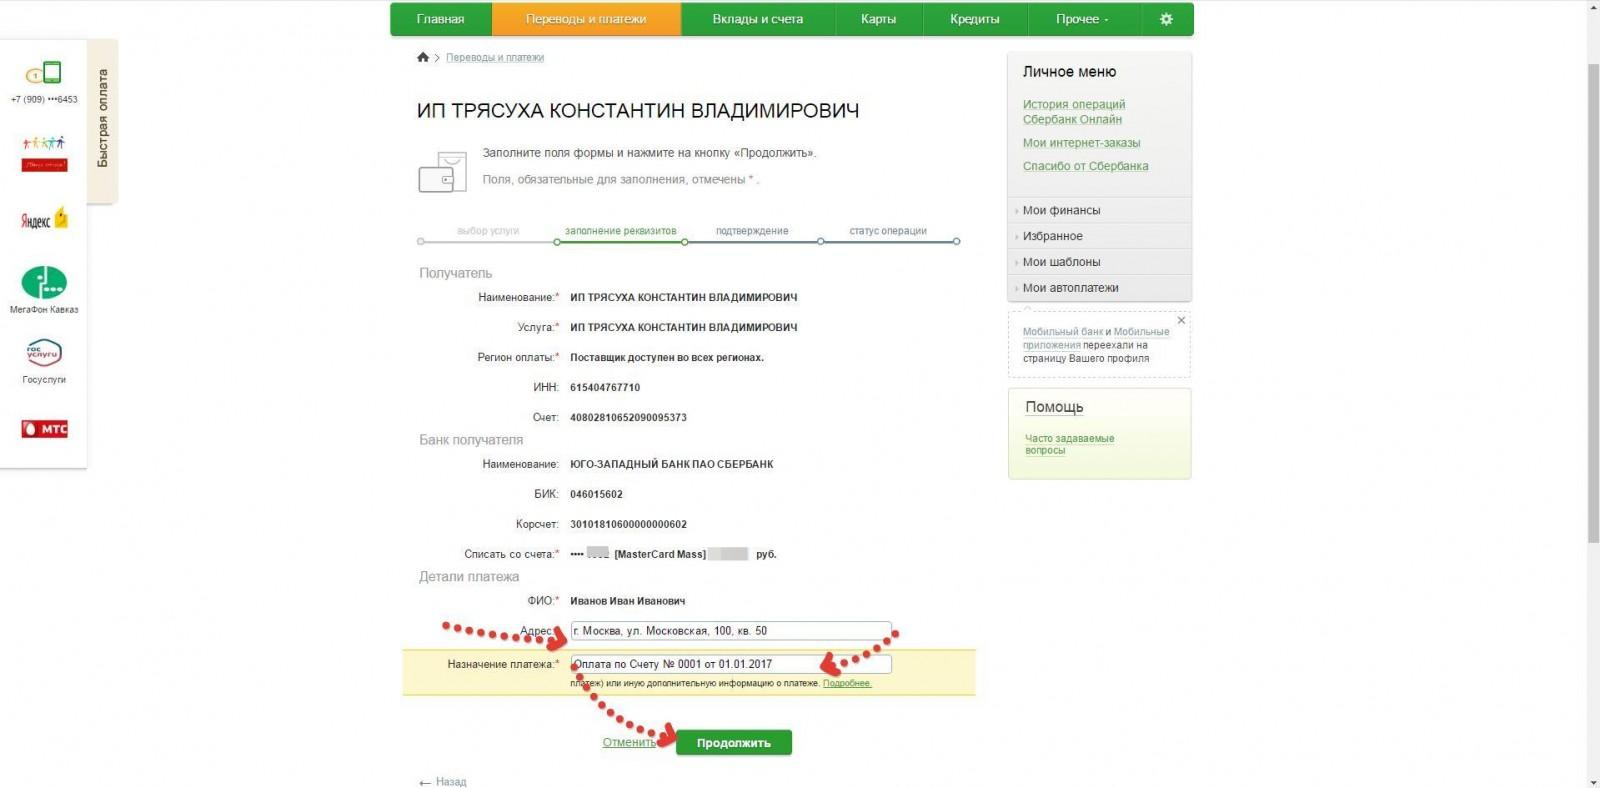 Как узнать расчетный счет карты Сбербанка - Сравни. ру 30